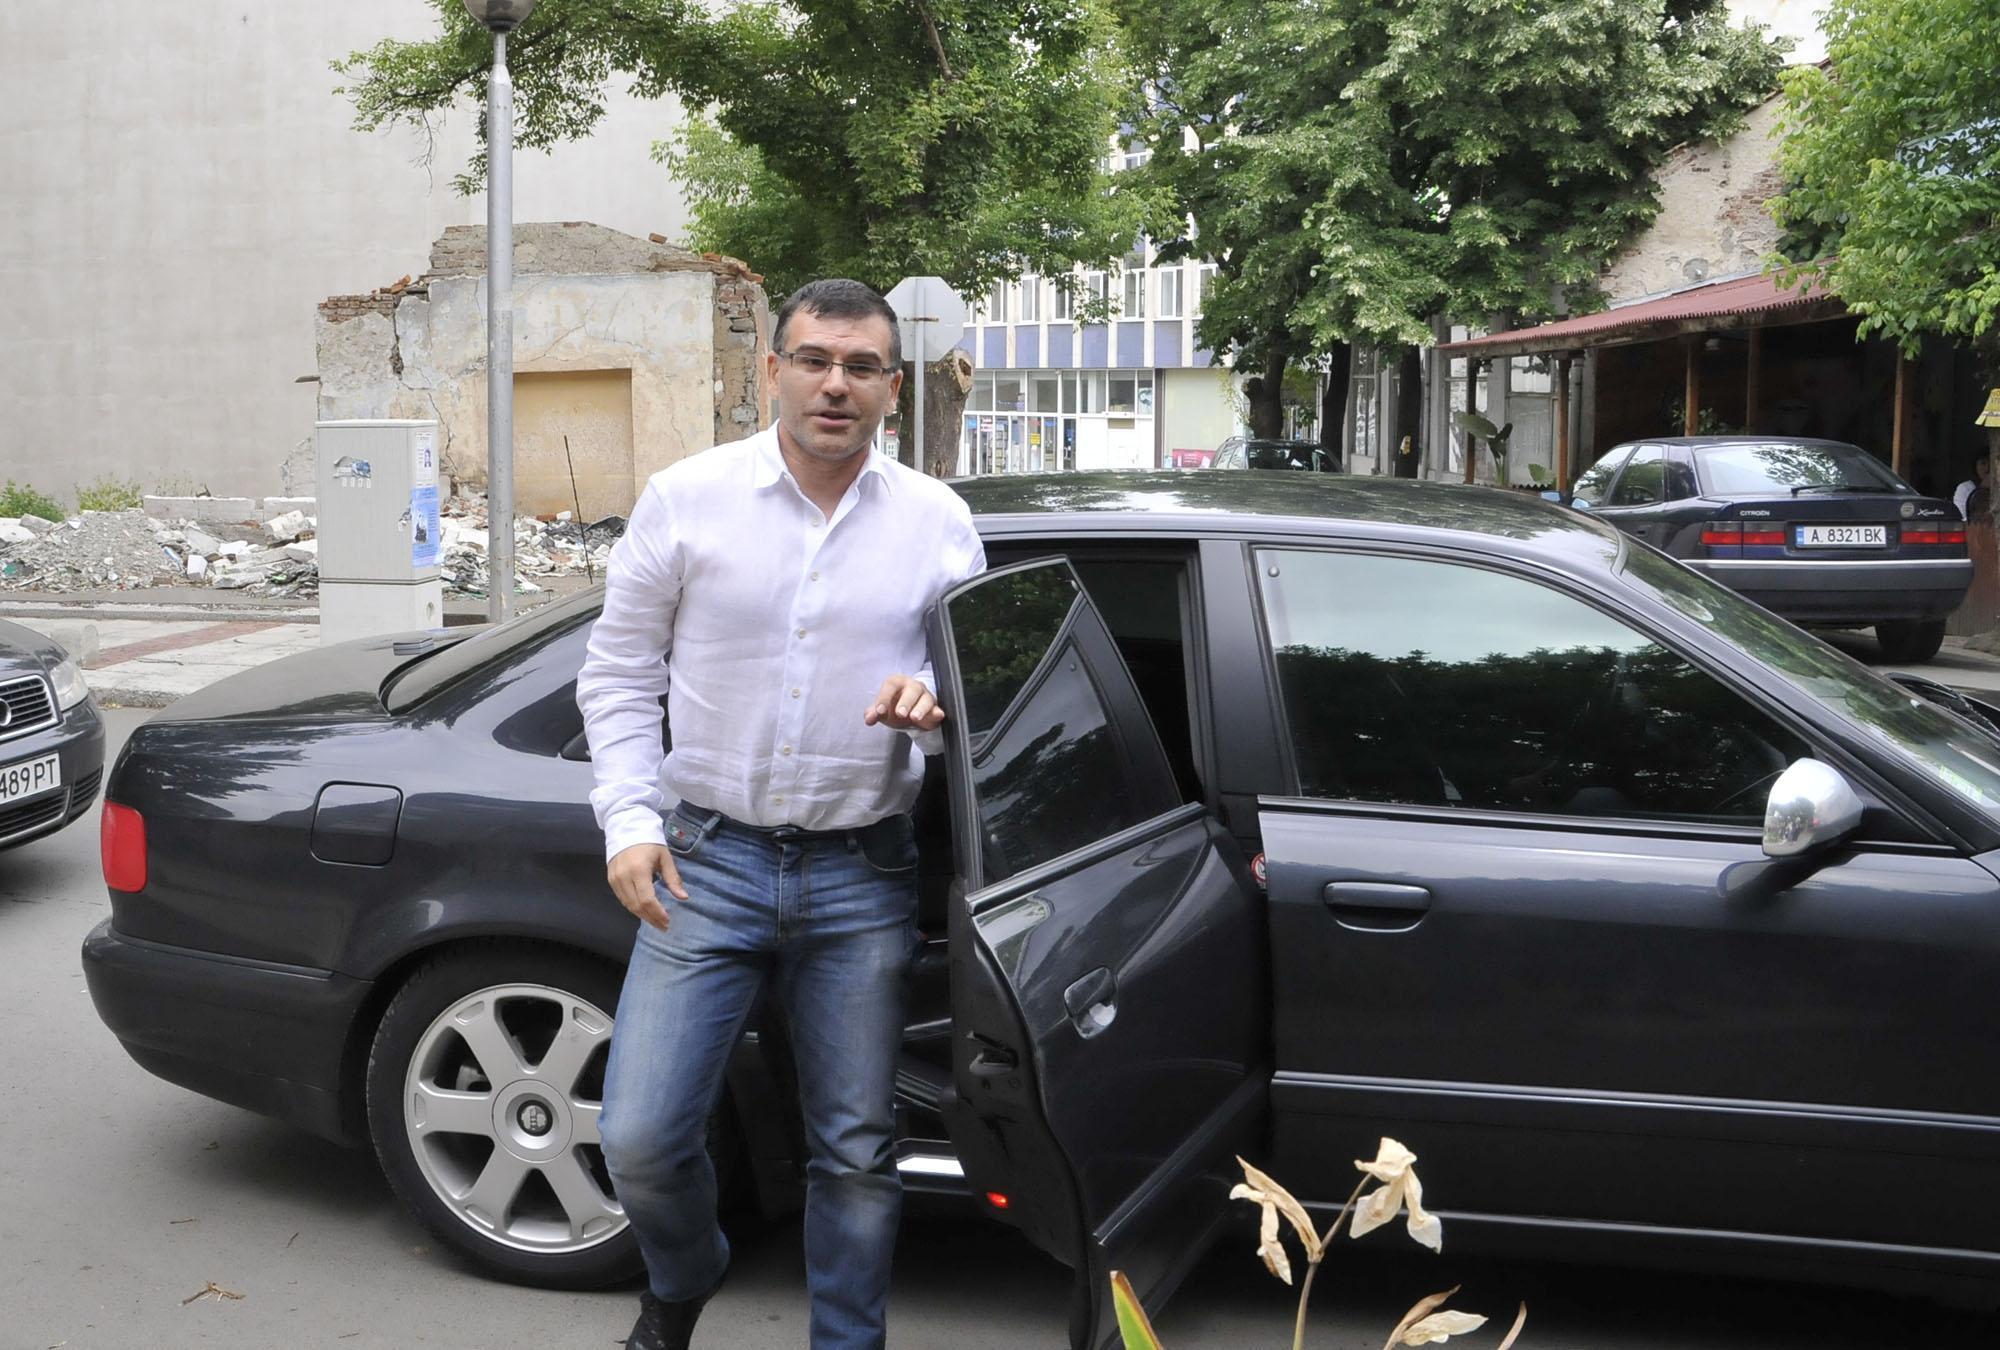 Дянков проверил 200 заведения, като го видели, пушачите гасели цигарите